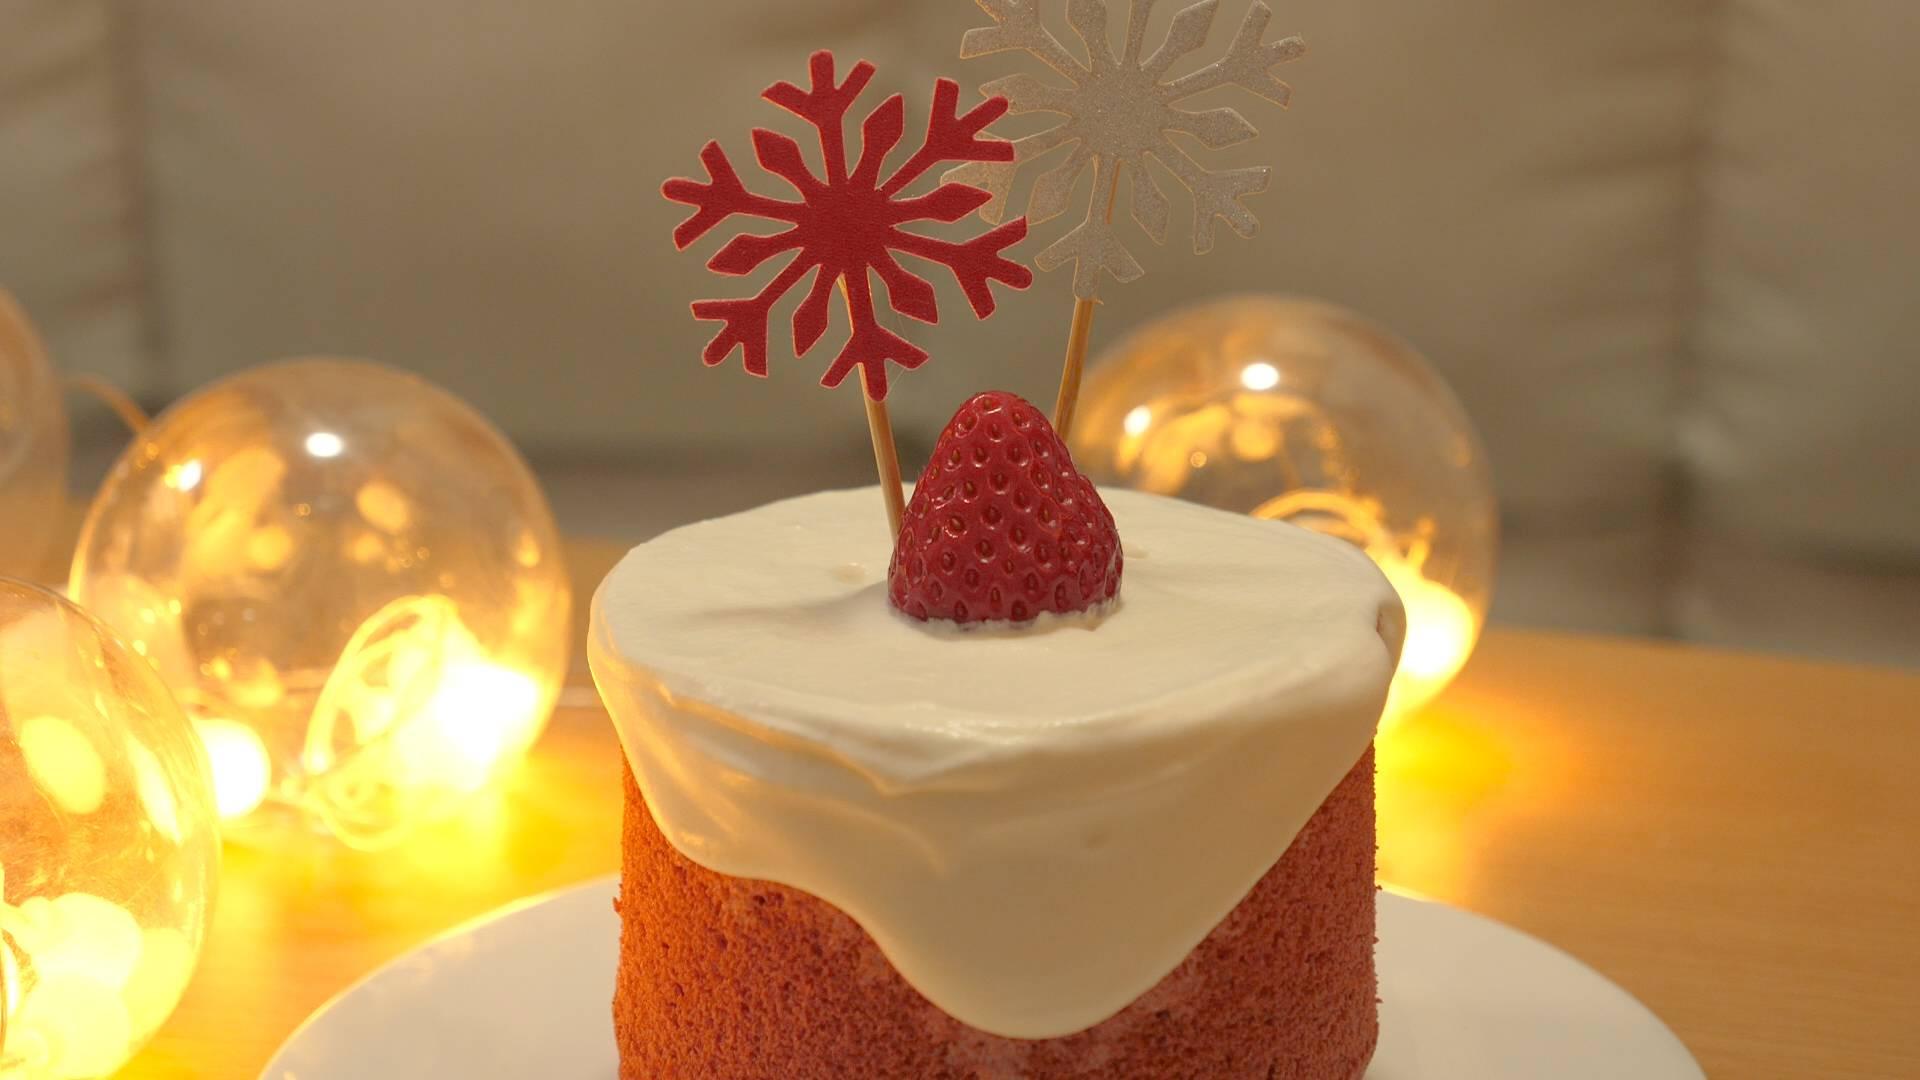 圣诞节到了,教你自己在家做红丝绒蛋糕,方法简单,漂亮又好吃